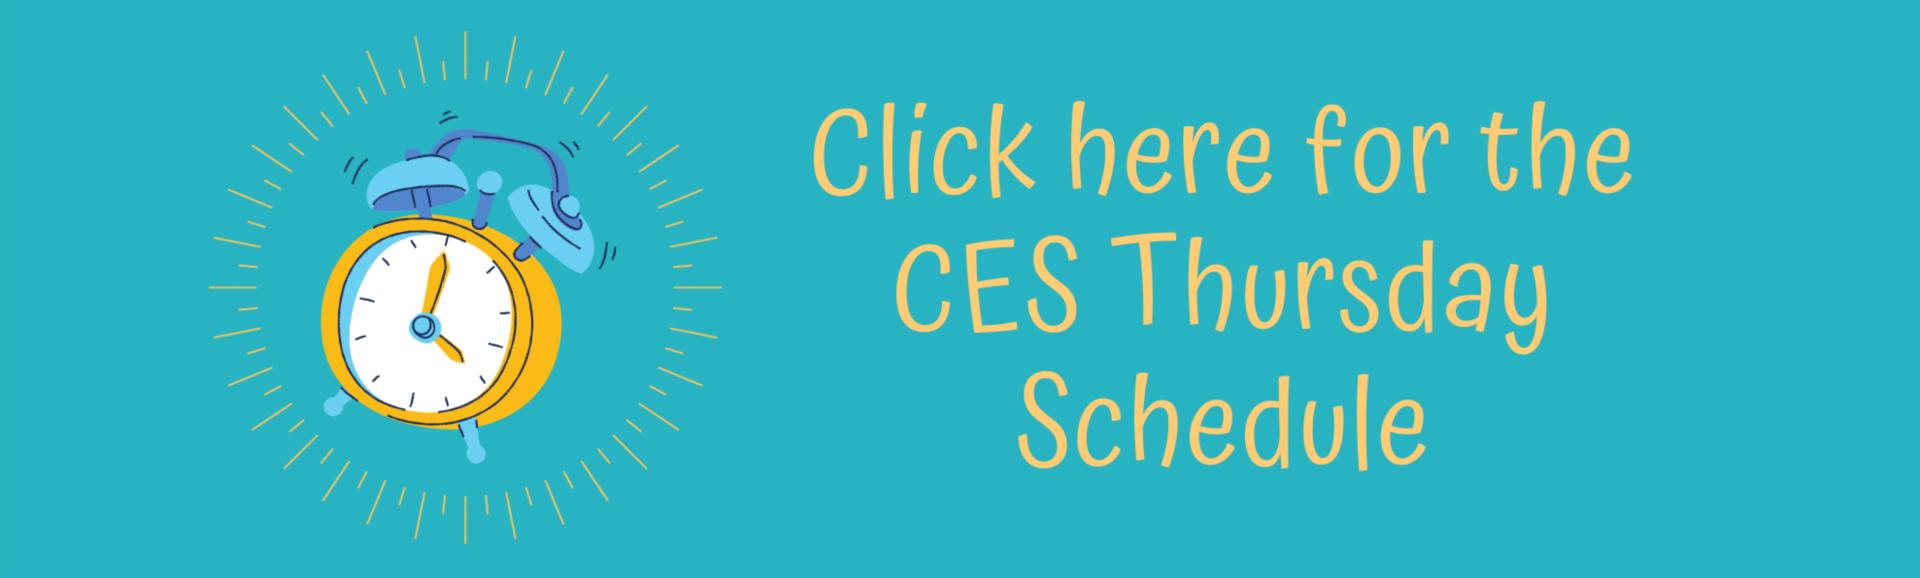 CES Thursday Schedule